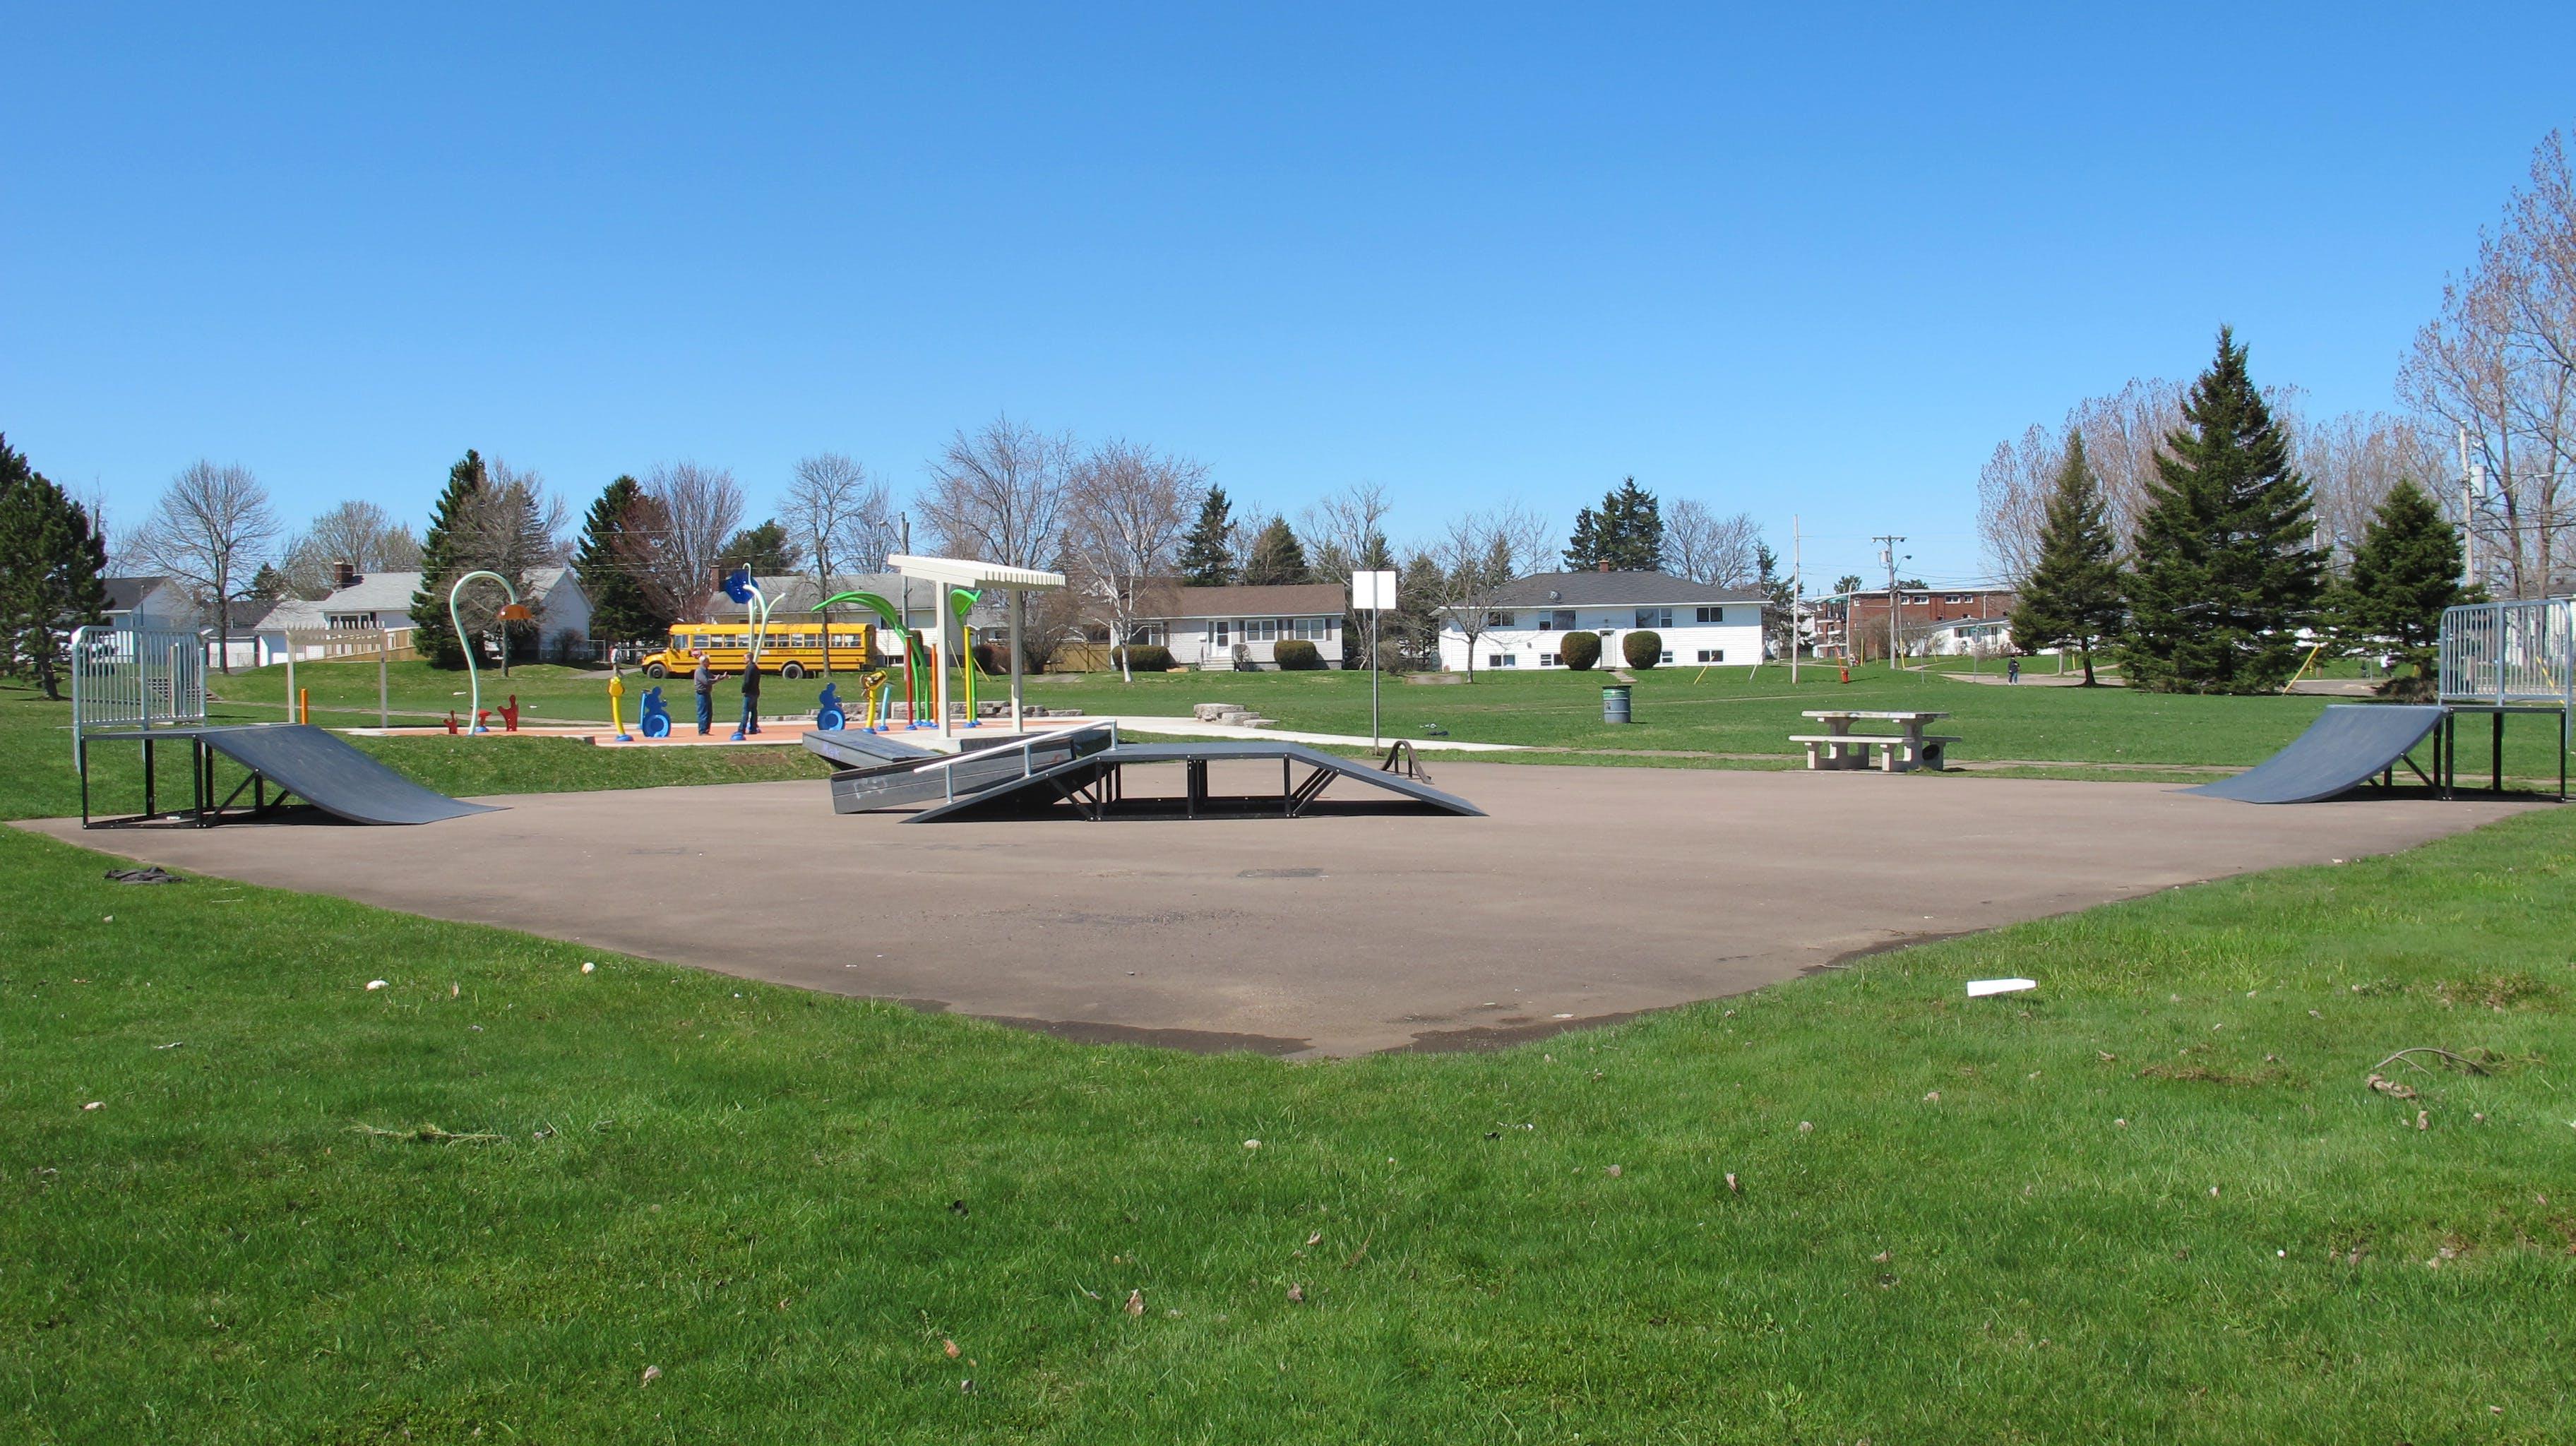 All Wheels Park (Renton St, Moncton)